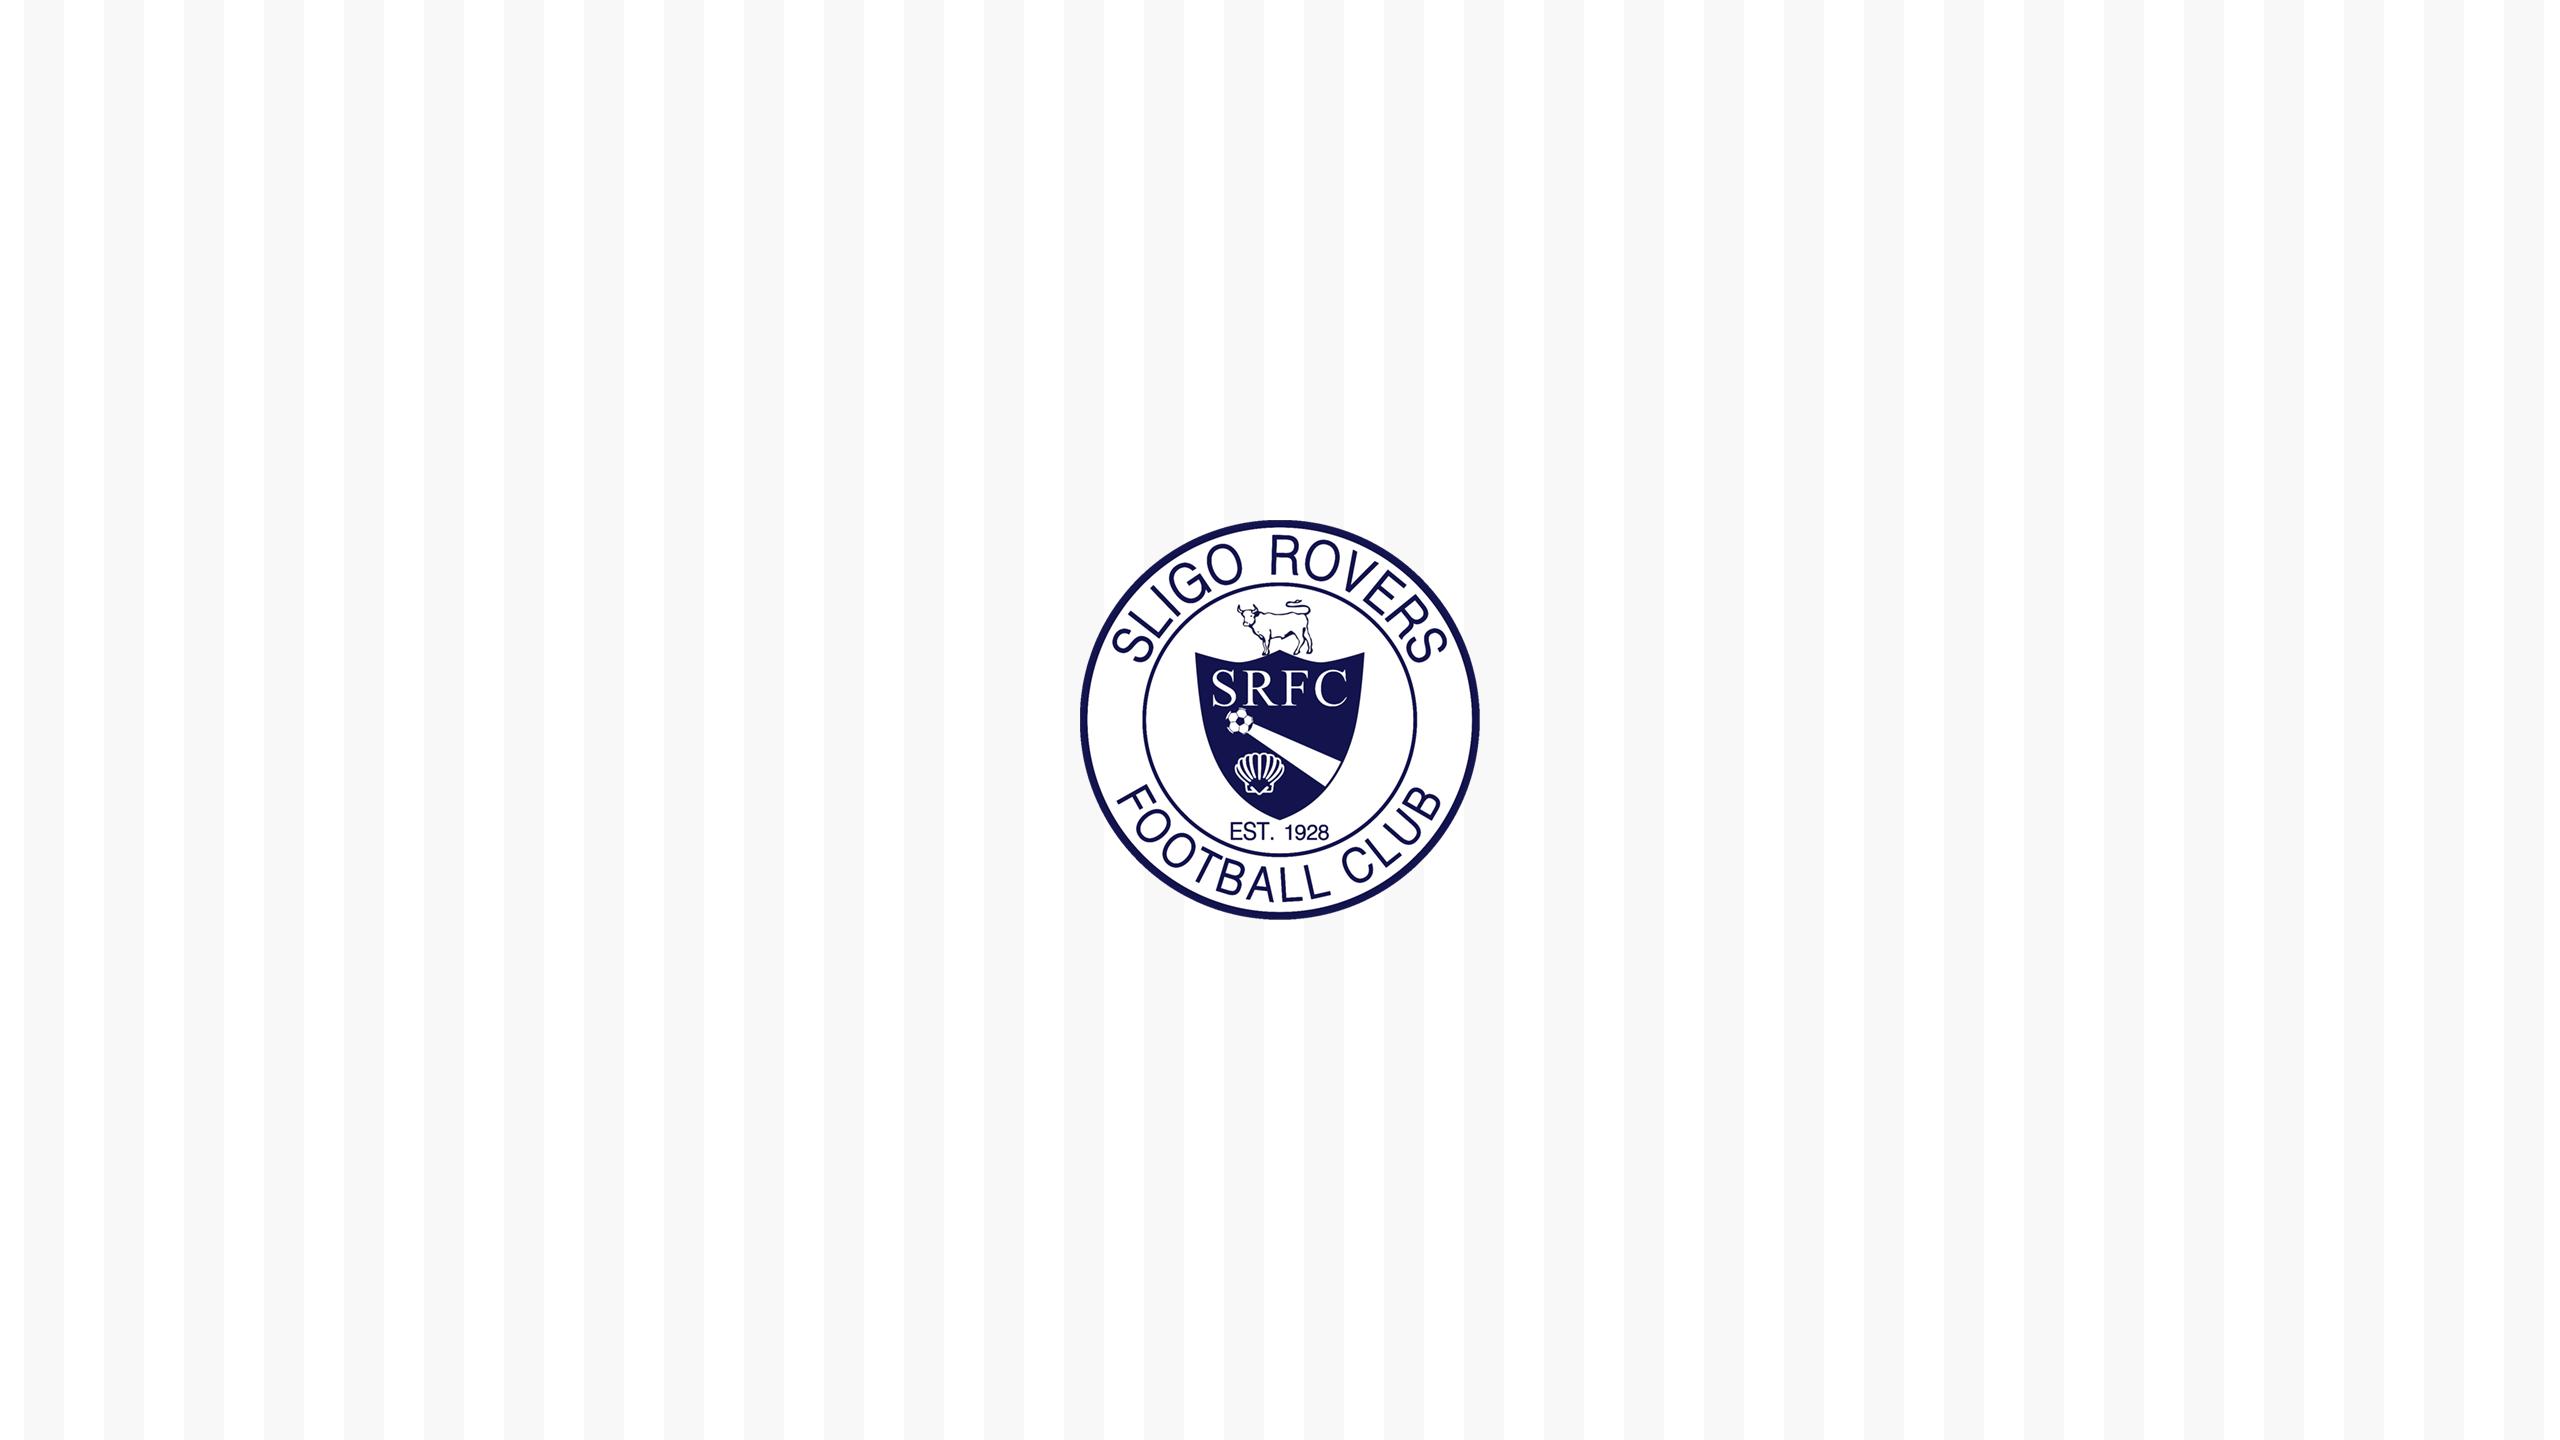 Sligo Rovers FC (Away)